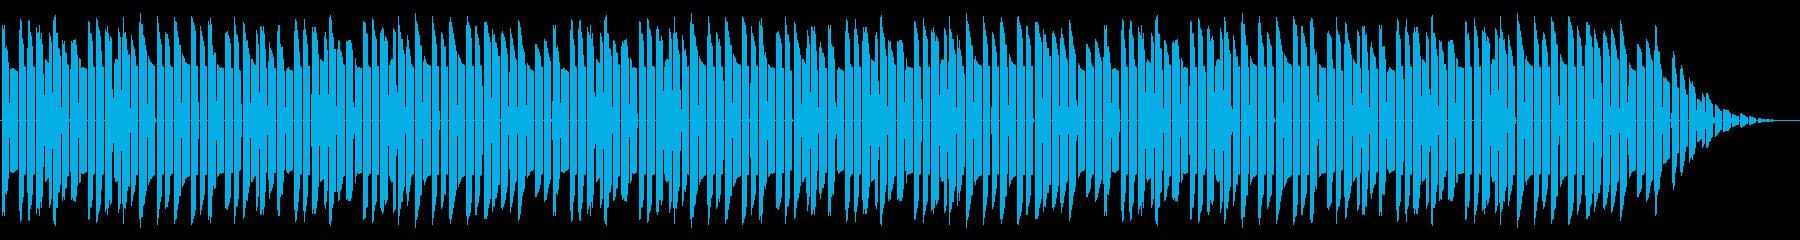 NES RPG A03-1(街2) の再生済みの波形